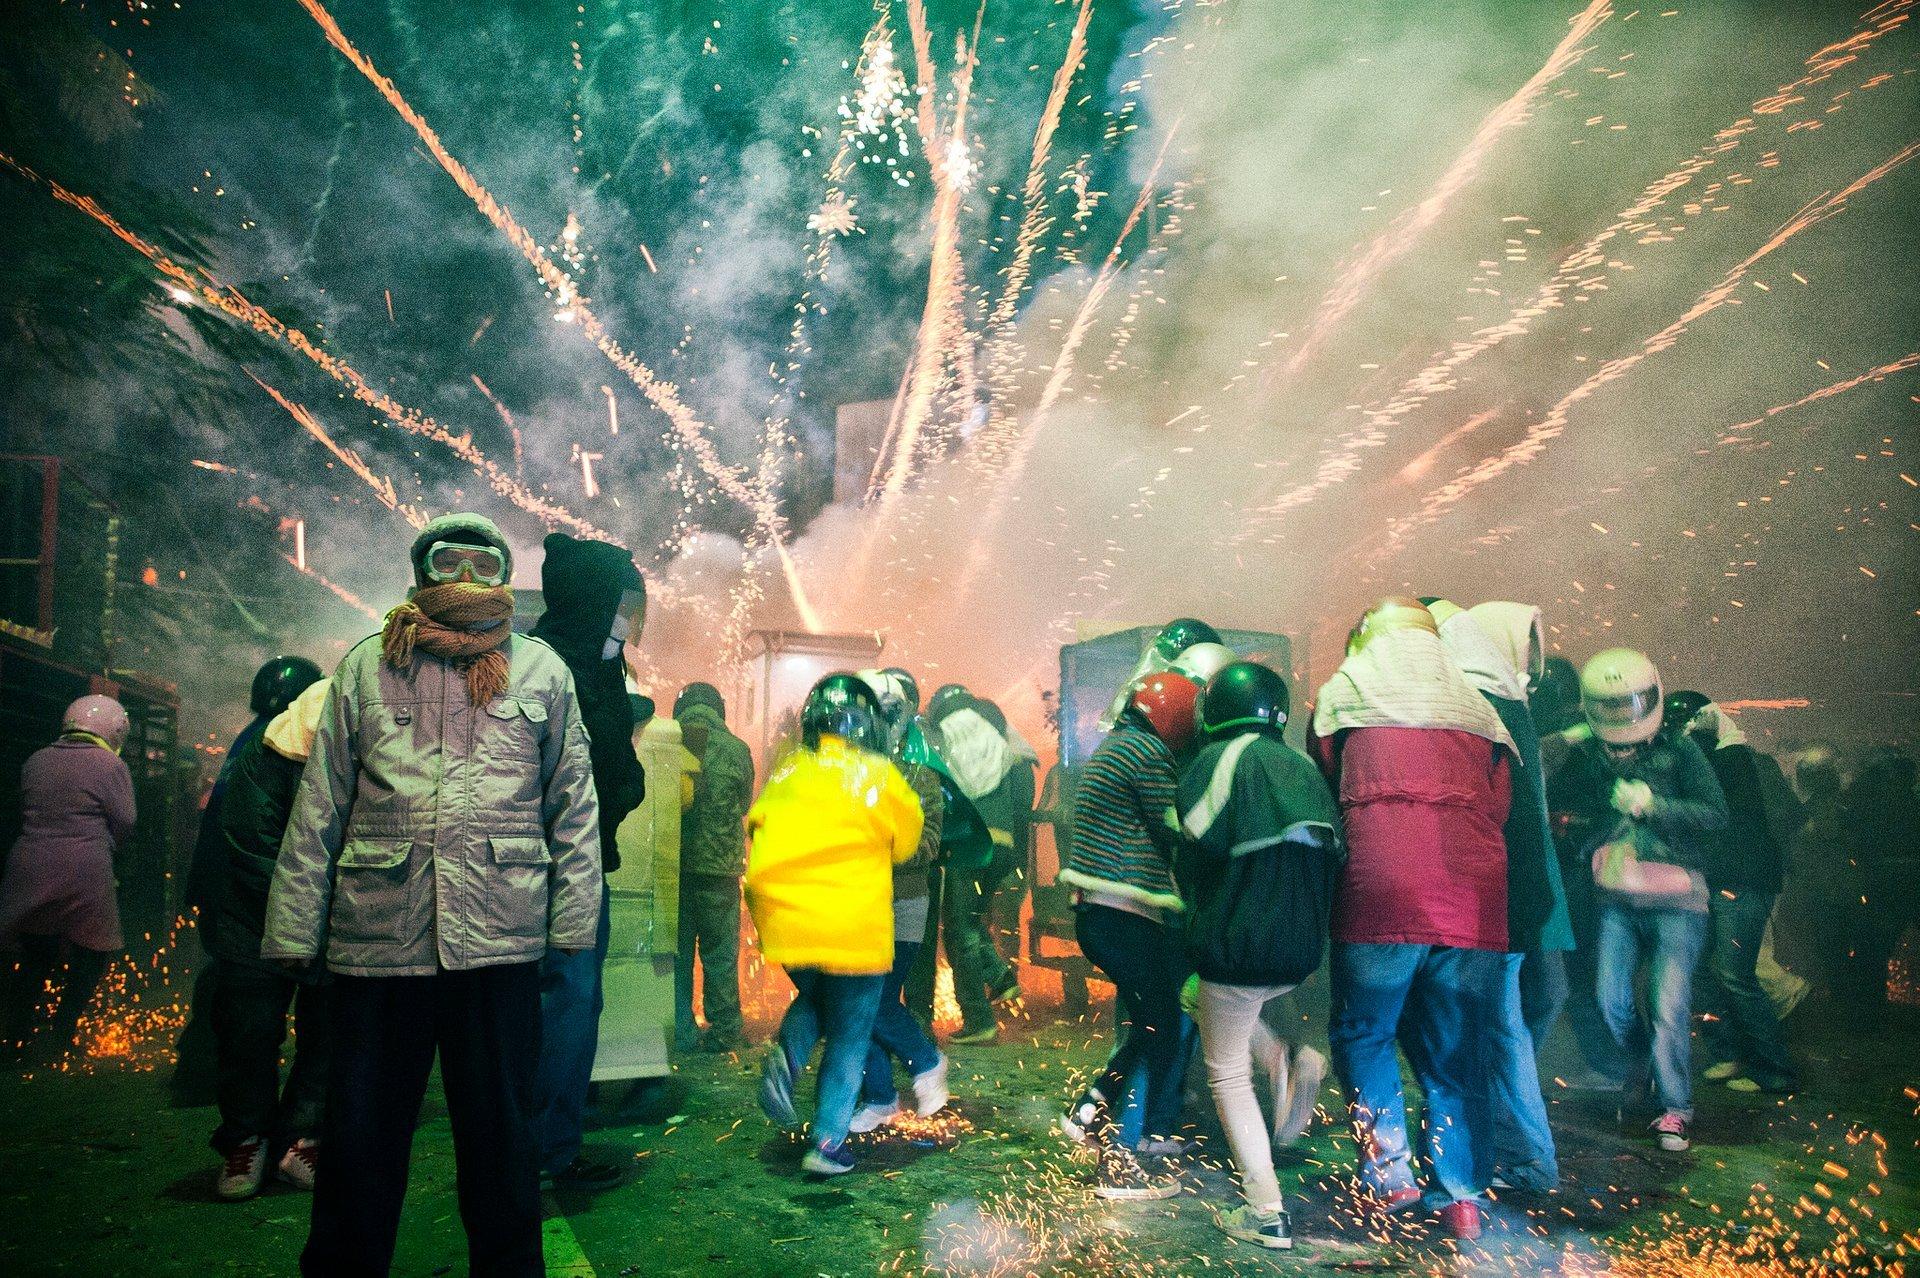 Yanshui Beehive Fireworks Festival in Taiwan 2020 - Best Time